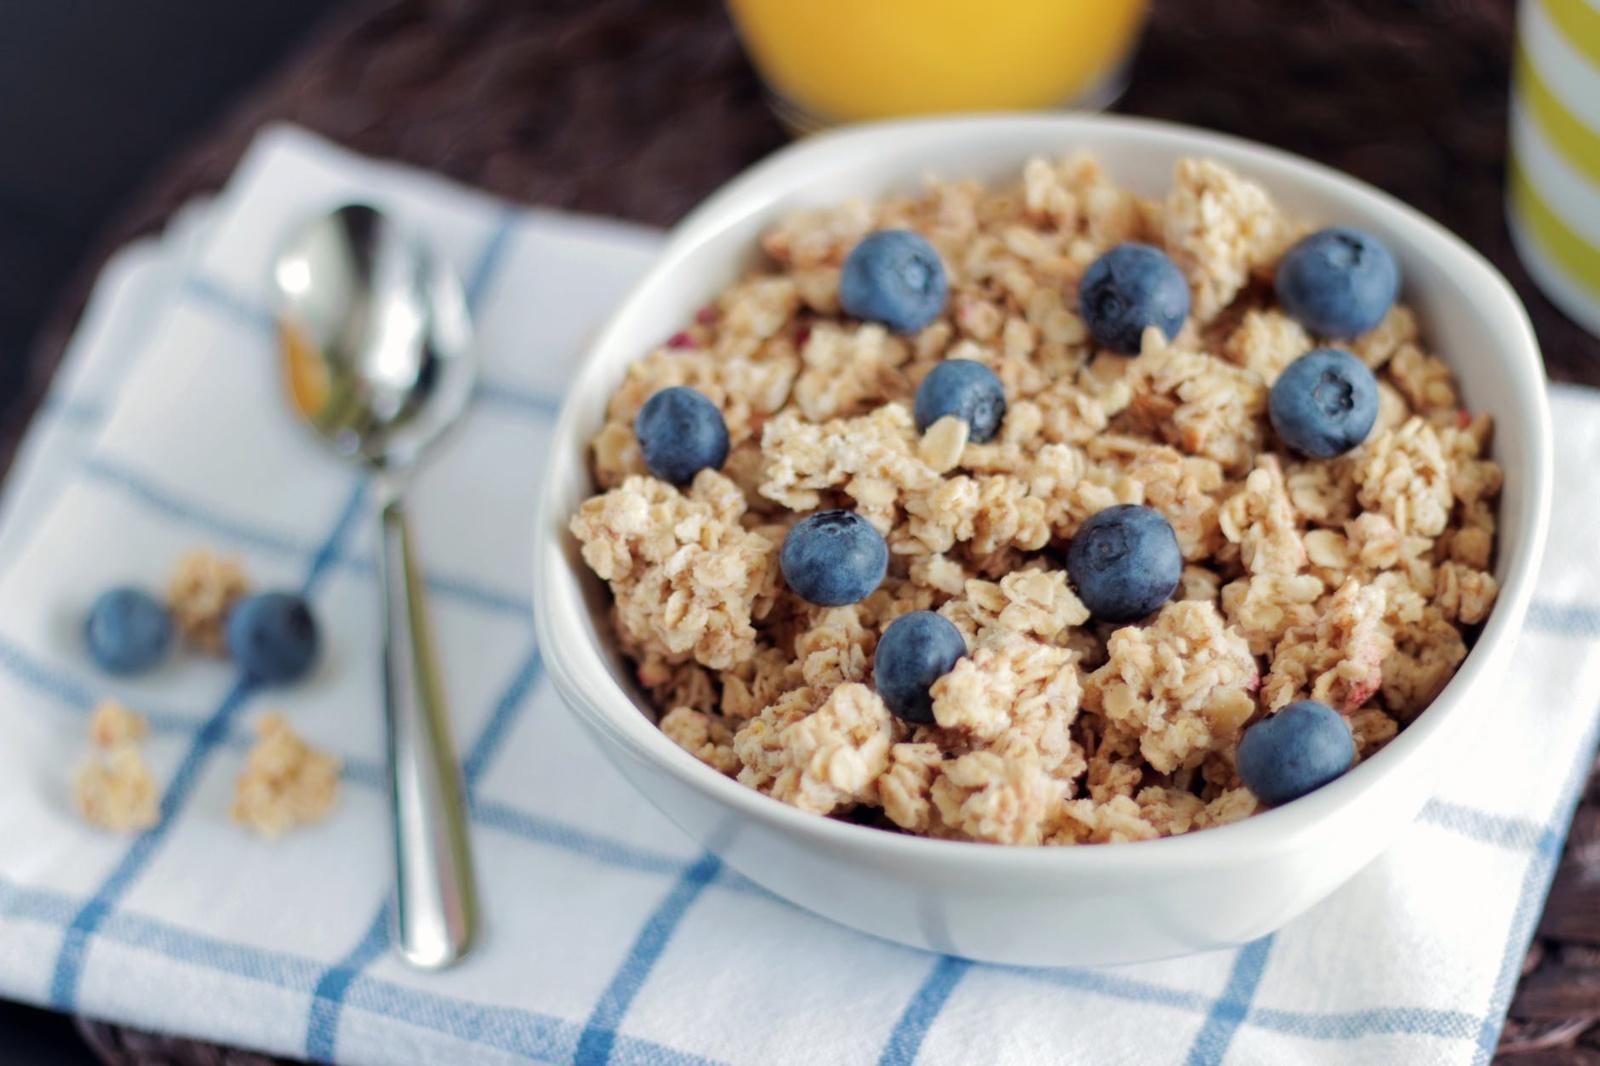 Greitų pusryčių idėjos skubantiems: ne tik skanu, bet ir maistinga